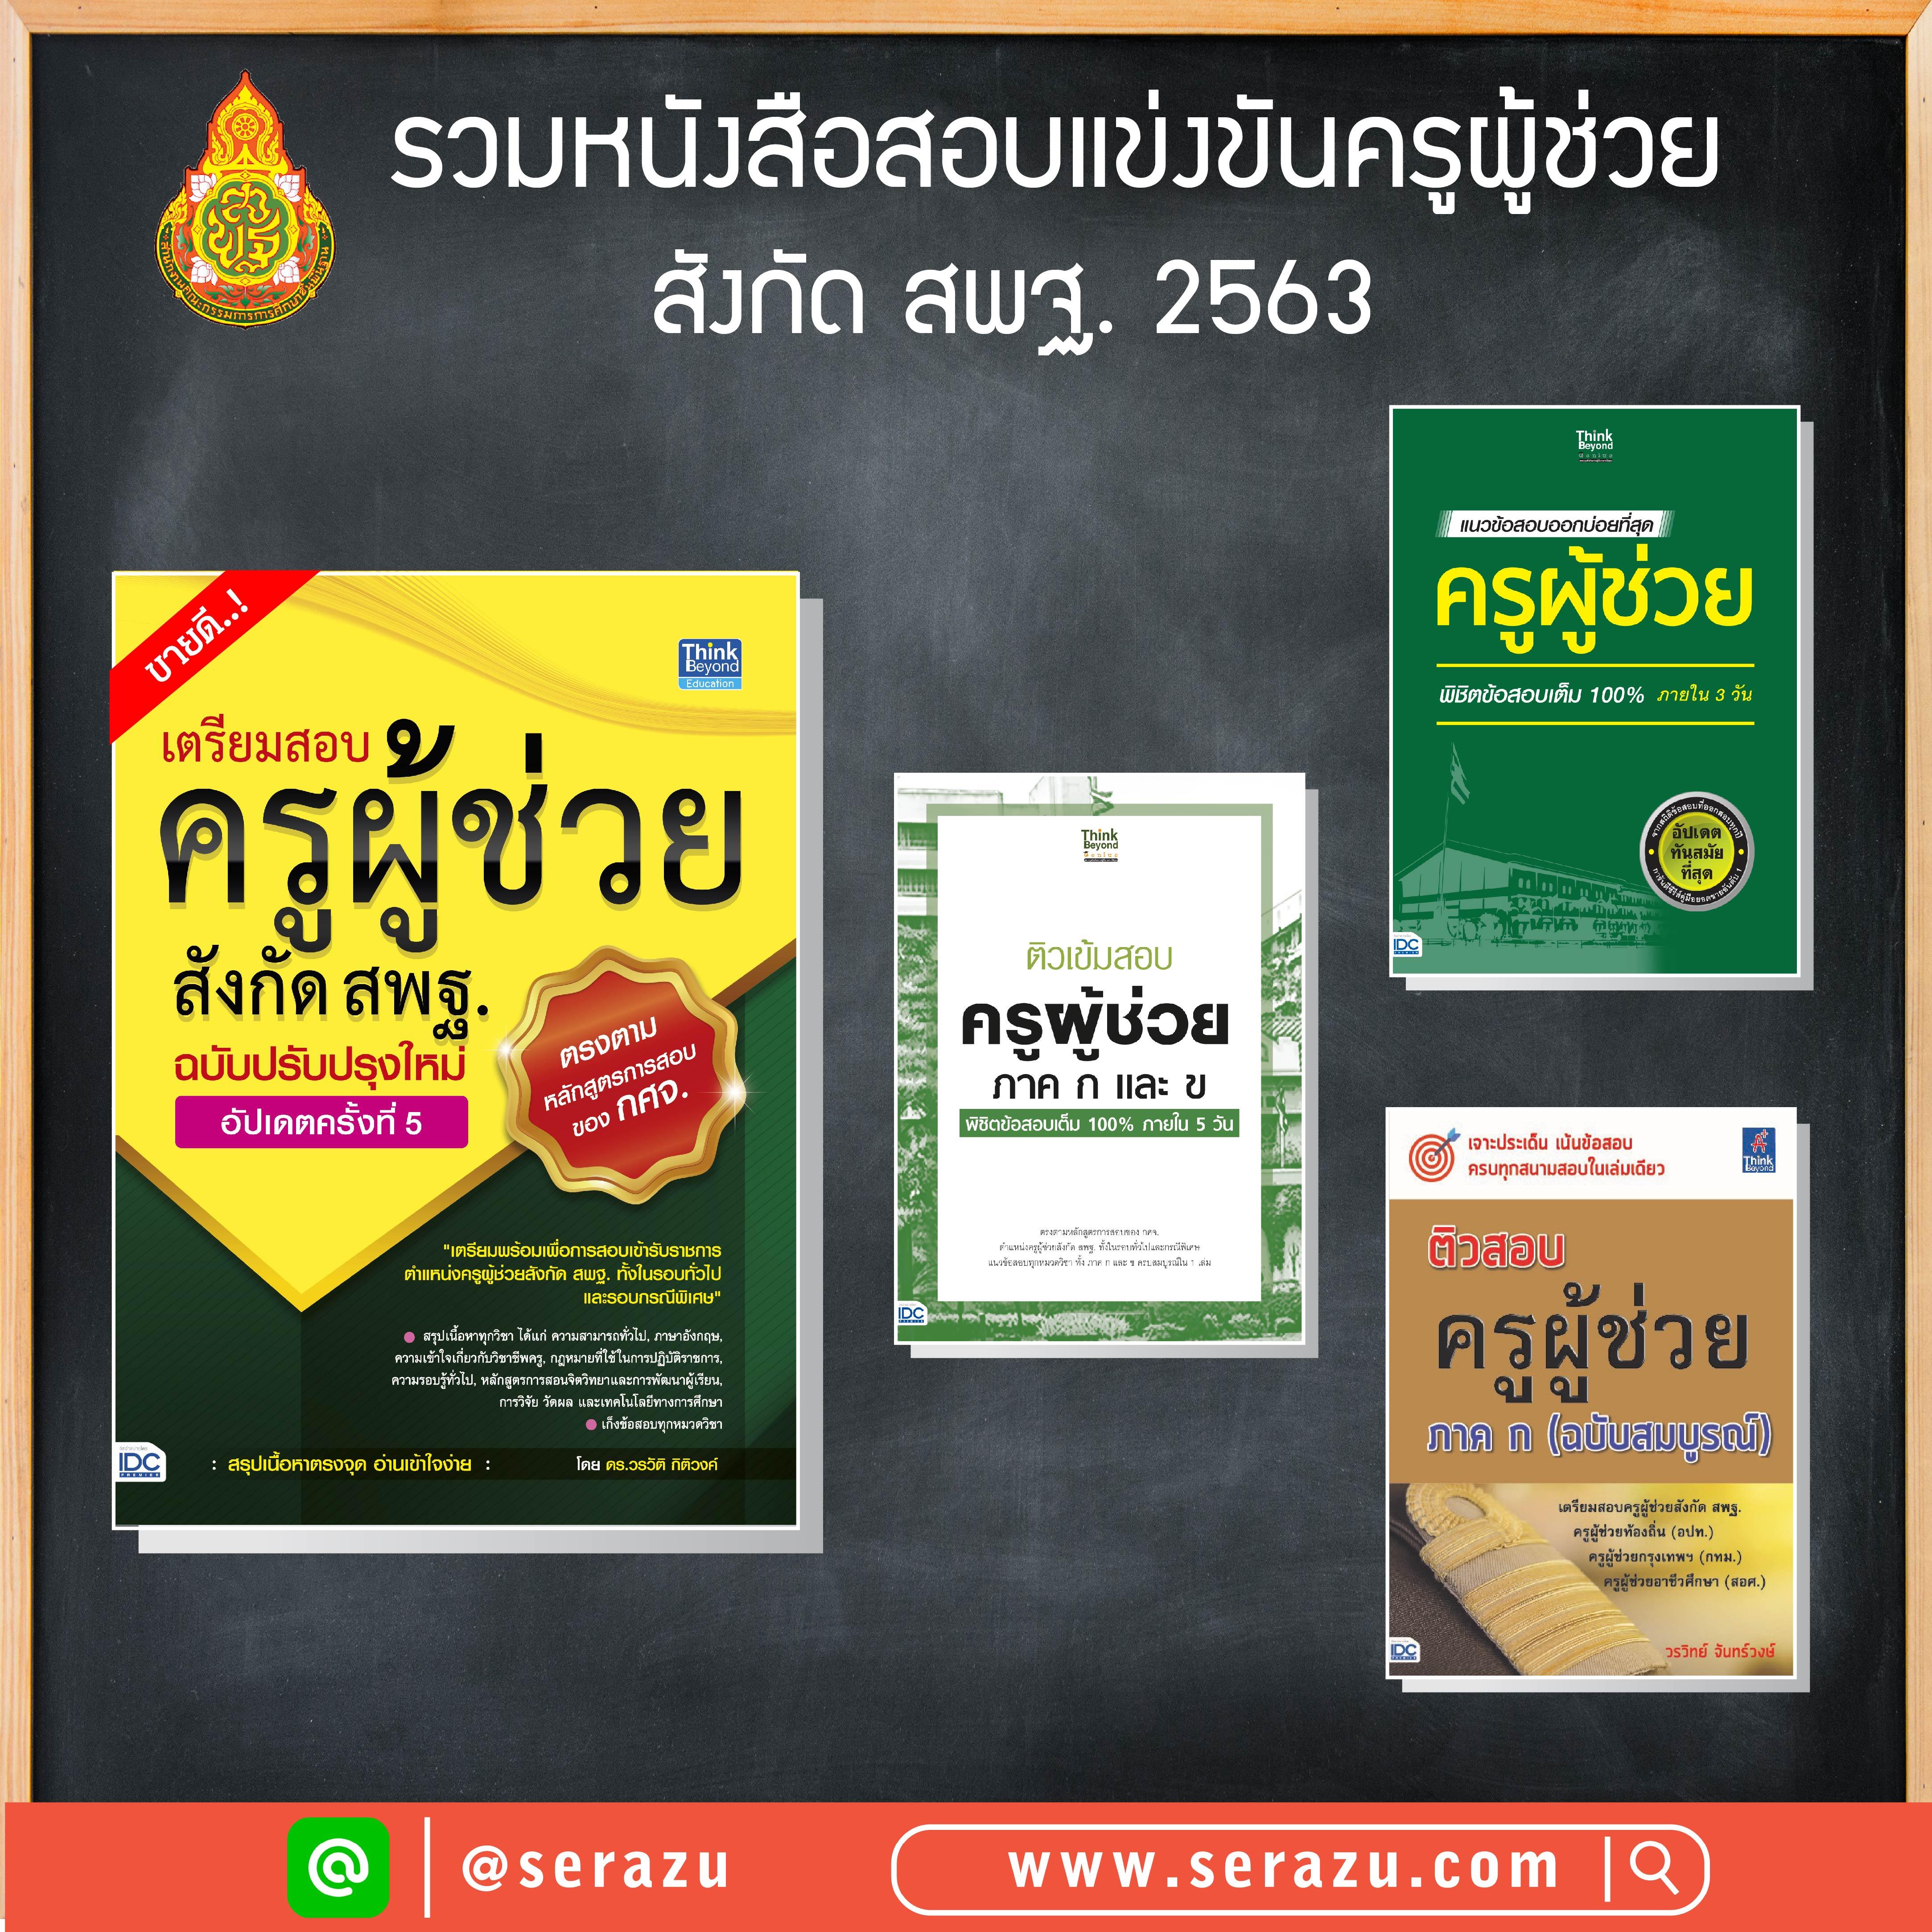 รวมหนังสือสอบแข่งขันครูผู้ช่วย สังกัด สพฐ. 2563